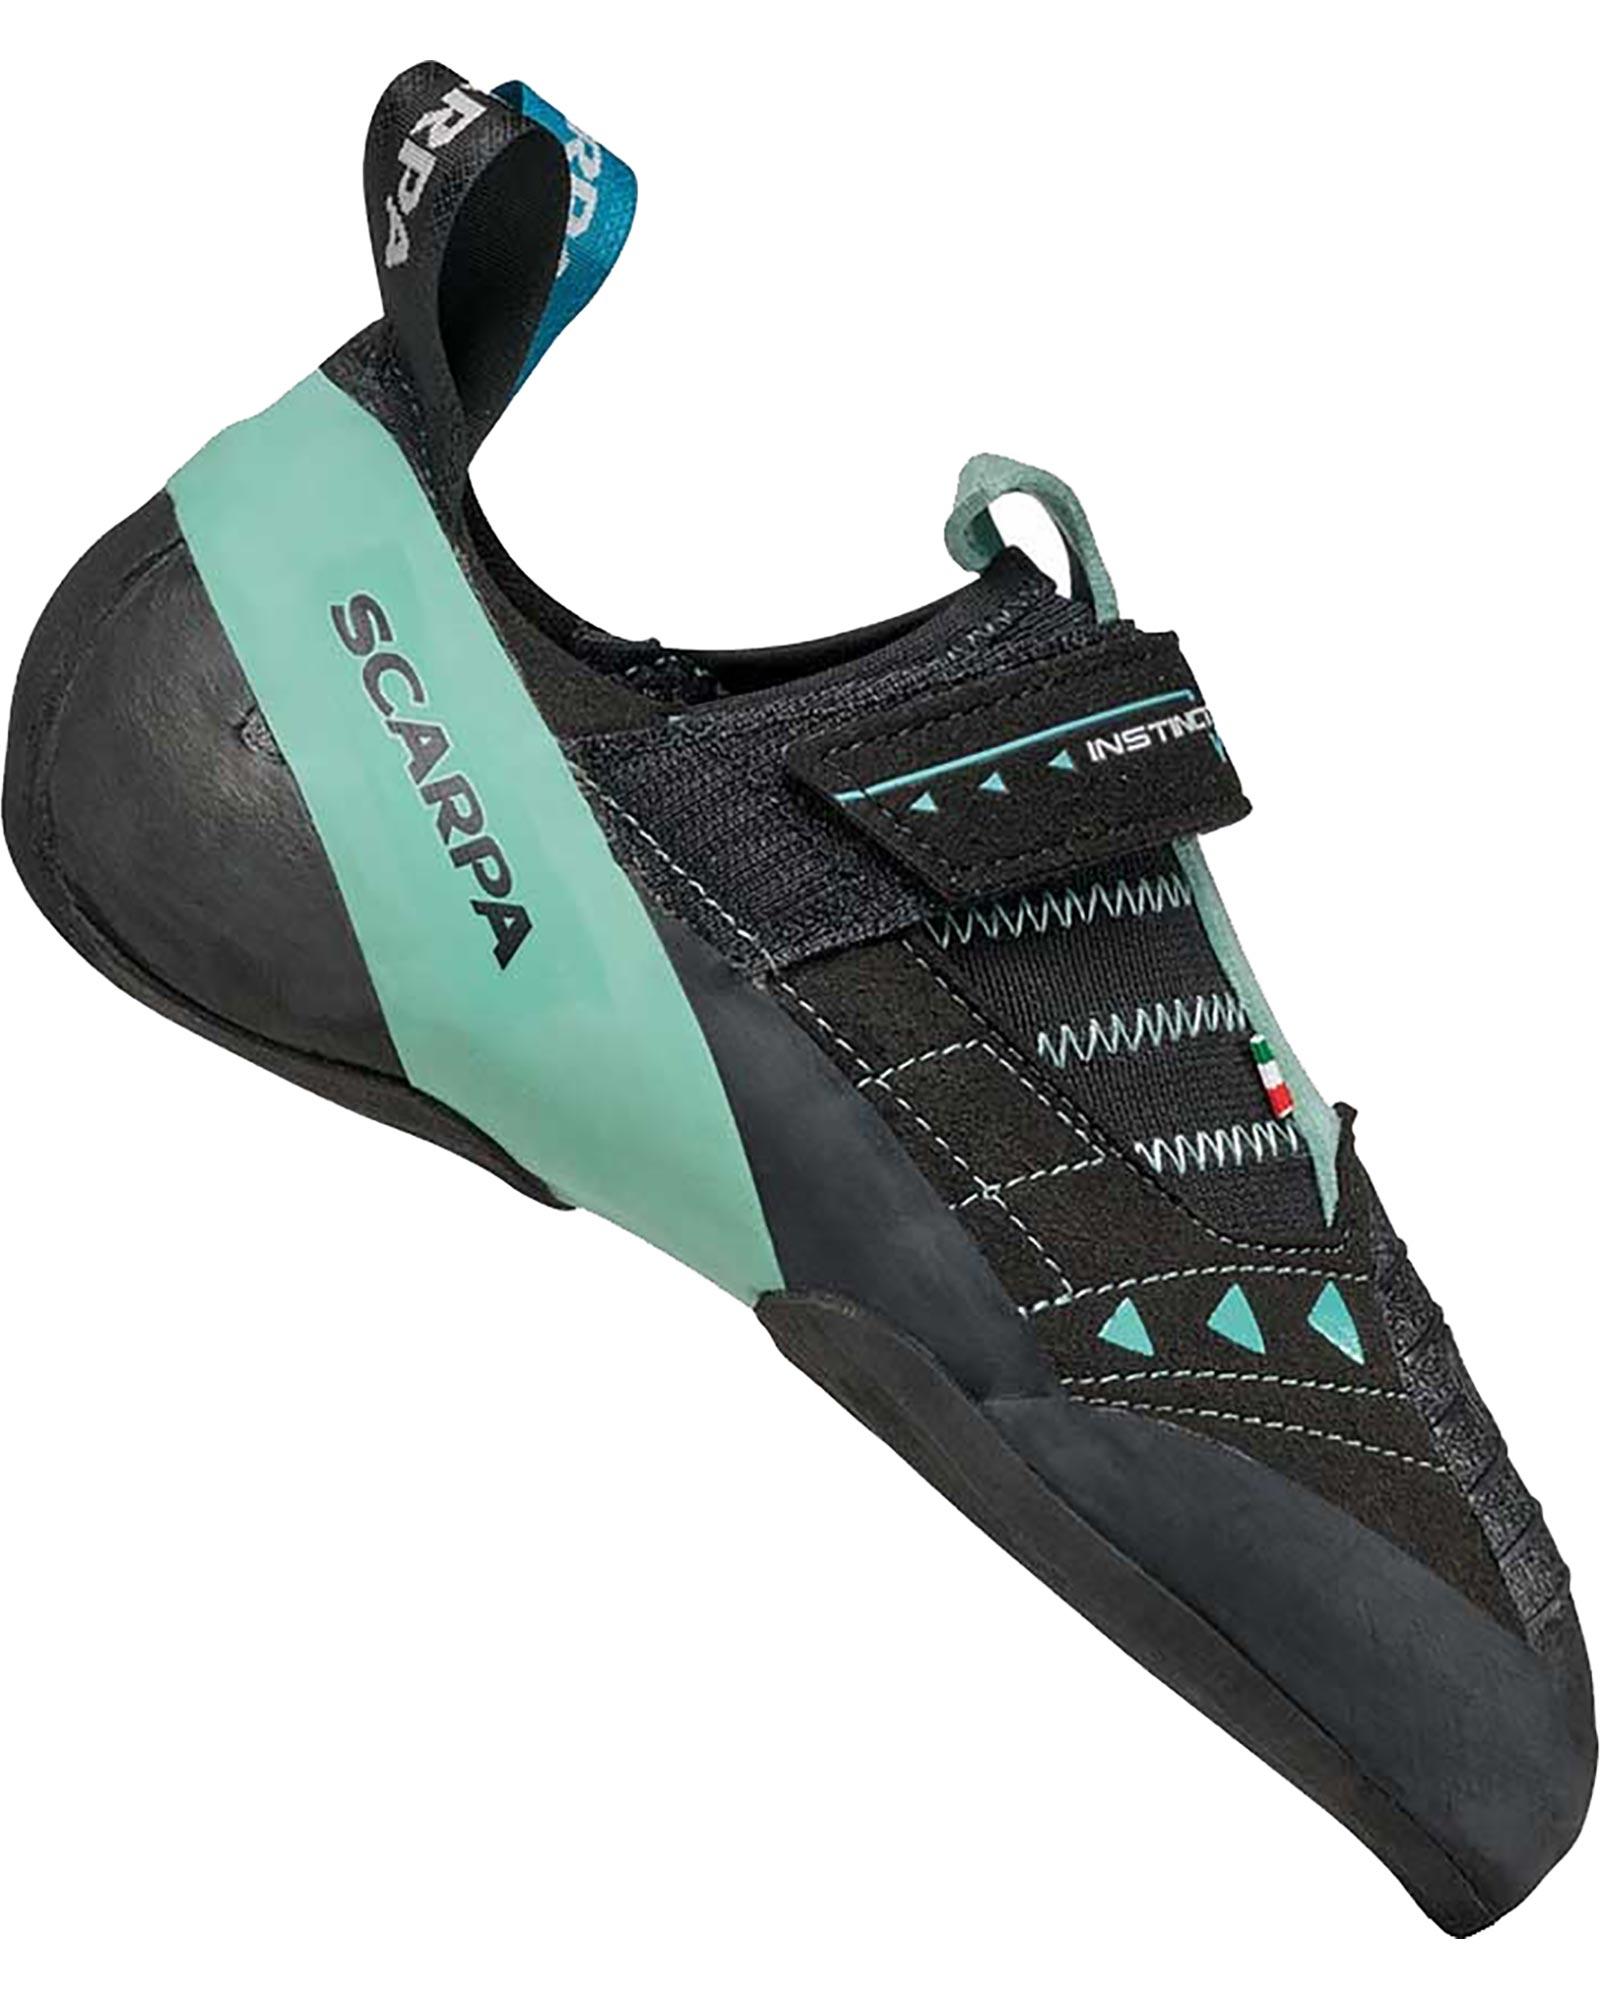 Scarpa Women's Instinct VS Climbing Shoes 0